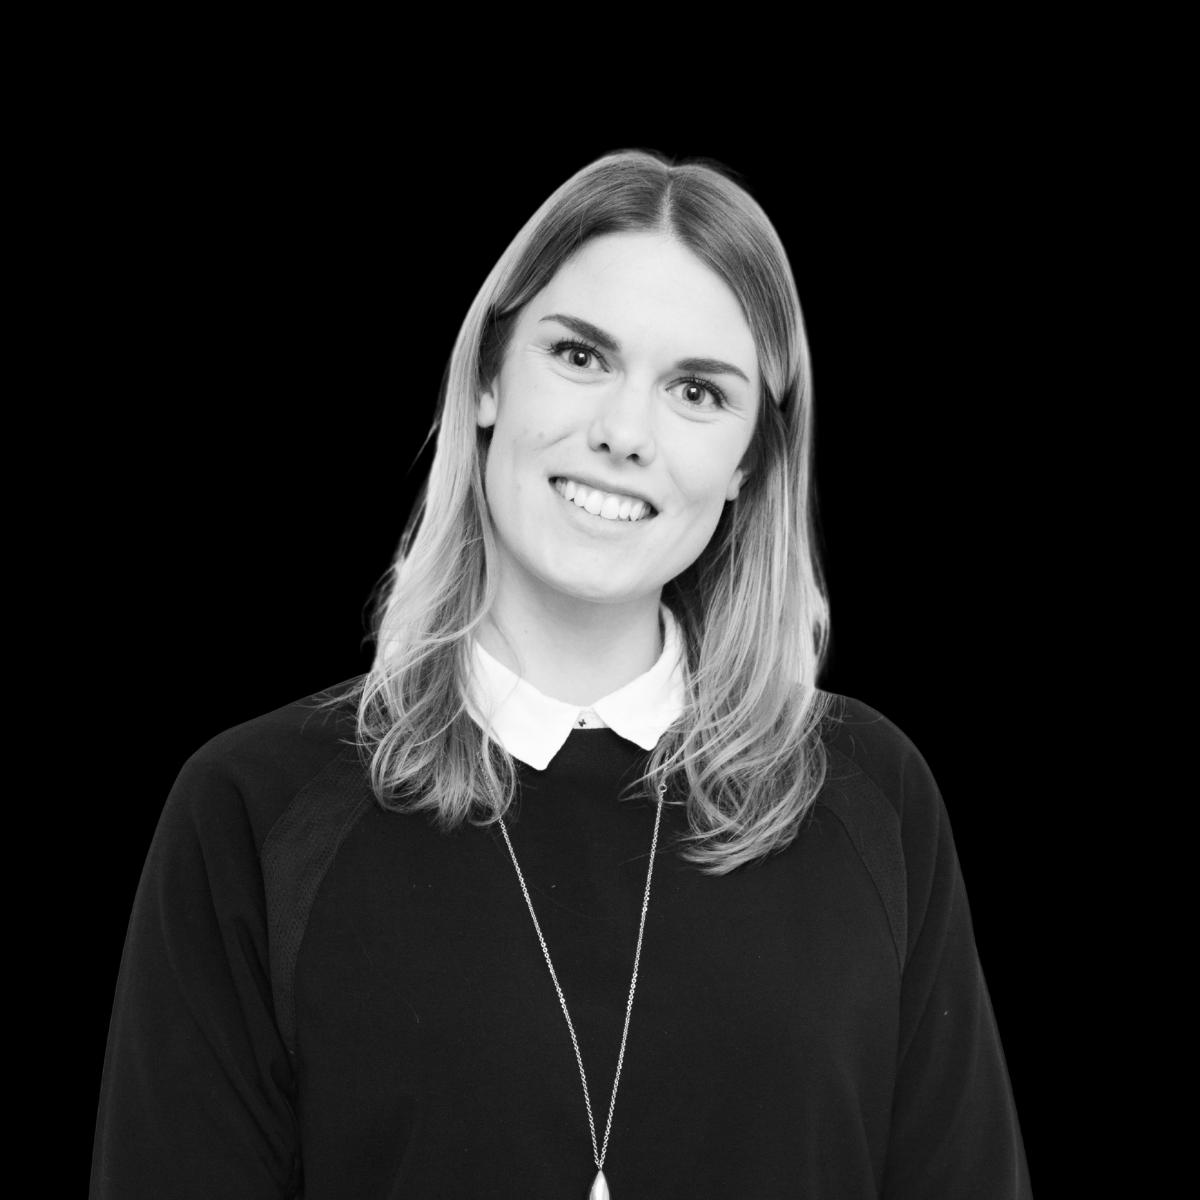 Frida Malm